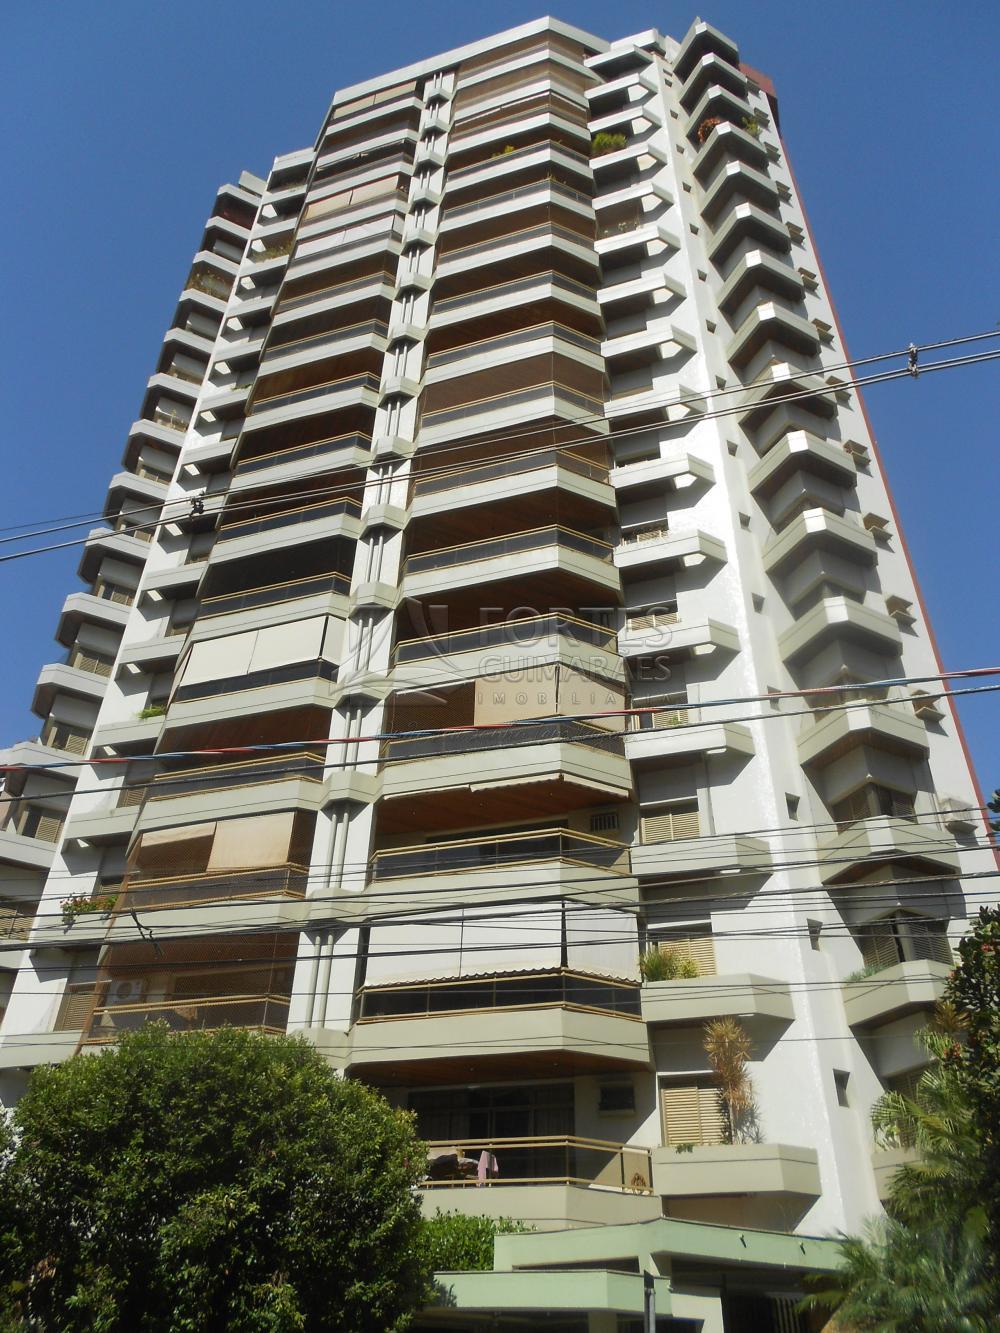 Alugar Apartamentos / Padrão em Ribeirão Preto. apenas R$ 2.000,00